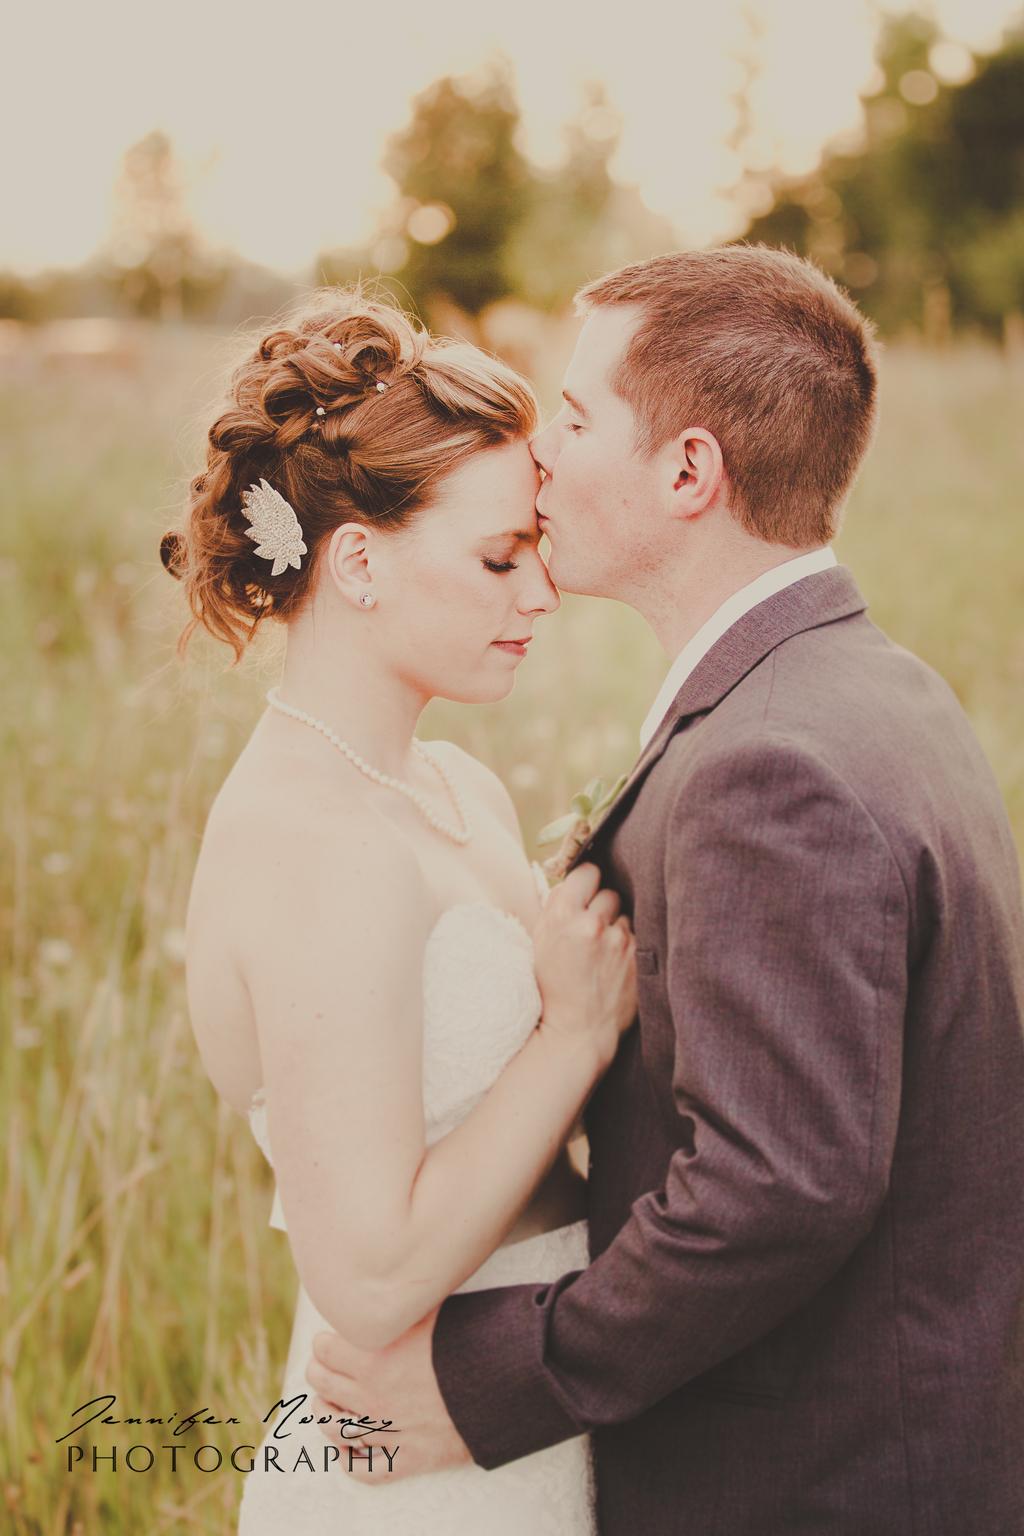 Jennifer_mooney_photo_vintage_wedding_photographer_montana_00025.full